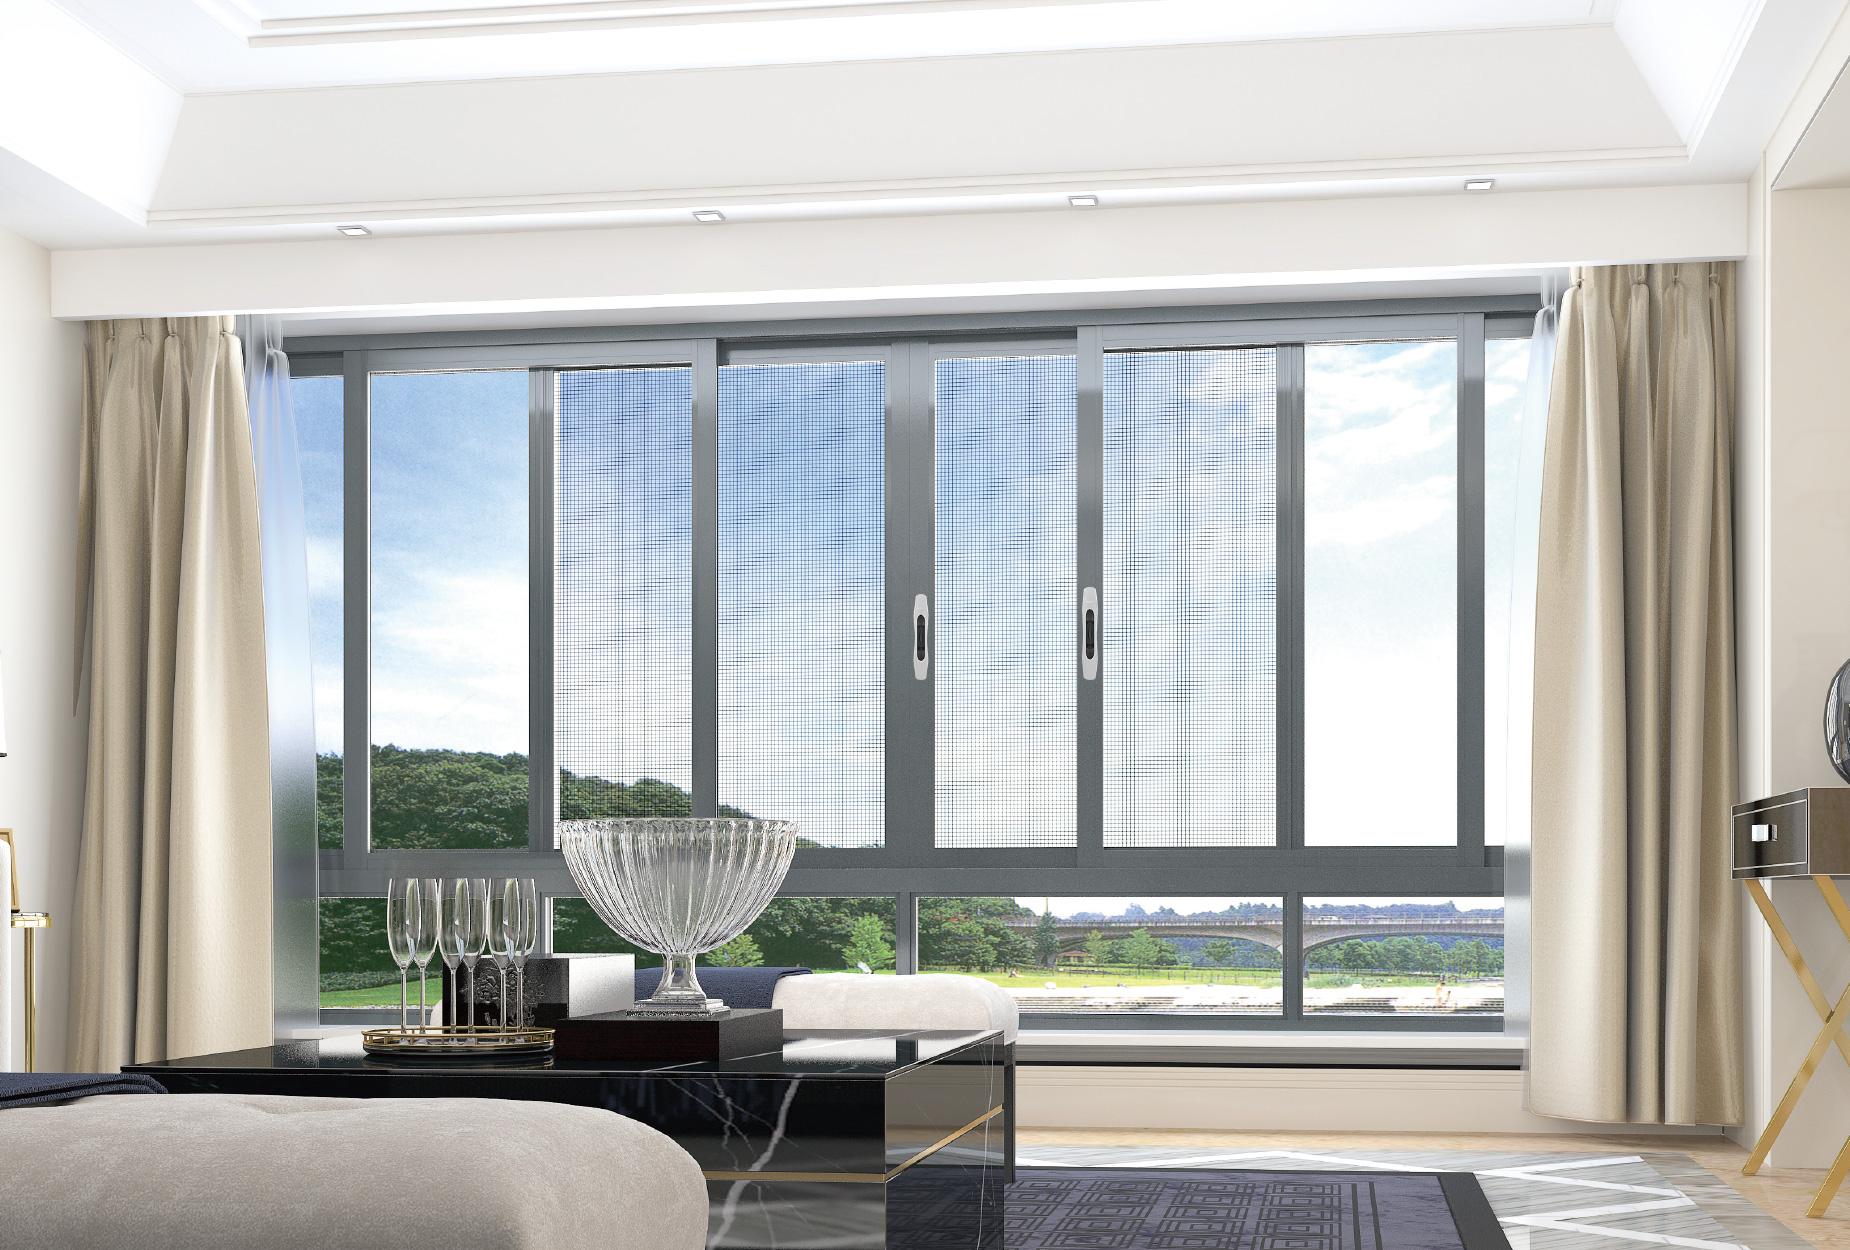 铝材用量超60% beplay官网地址铝业热烈祝贺港珠澳跨海大桥正式开通